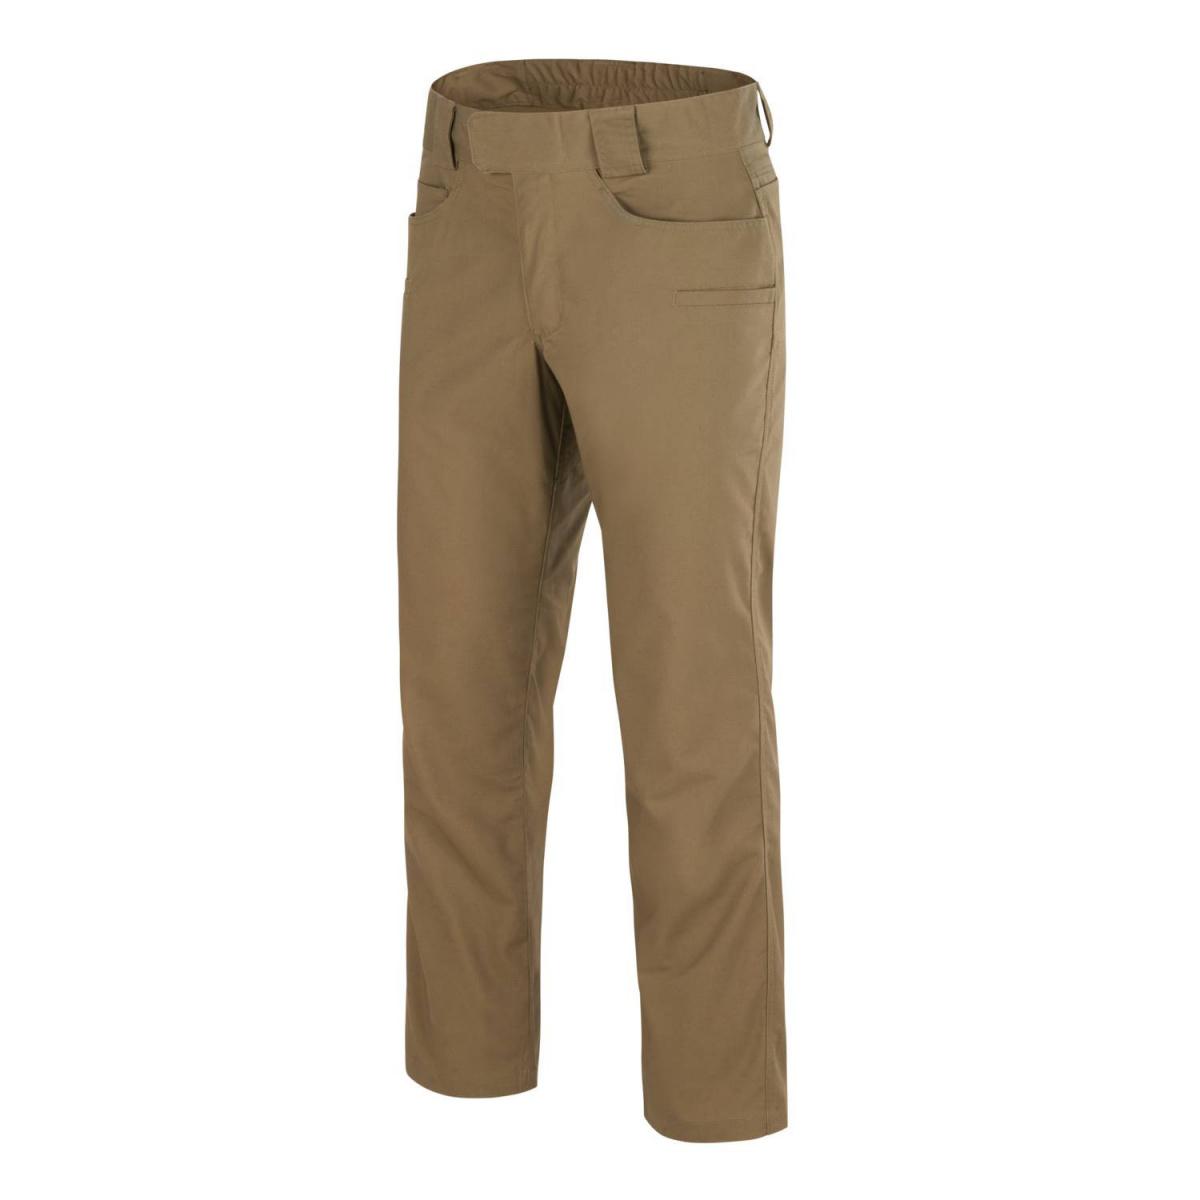 Kalhoty GREYMAN TACTICAL® DuraCanvas® COYOTE - zvìtšit obrázek